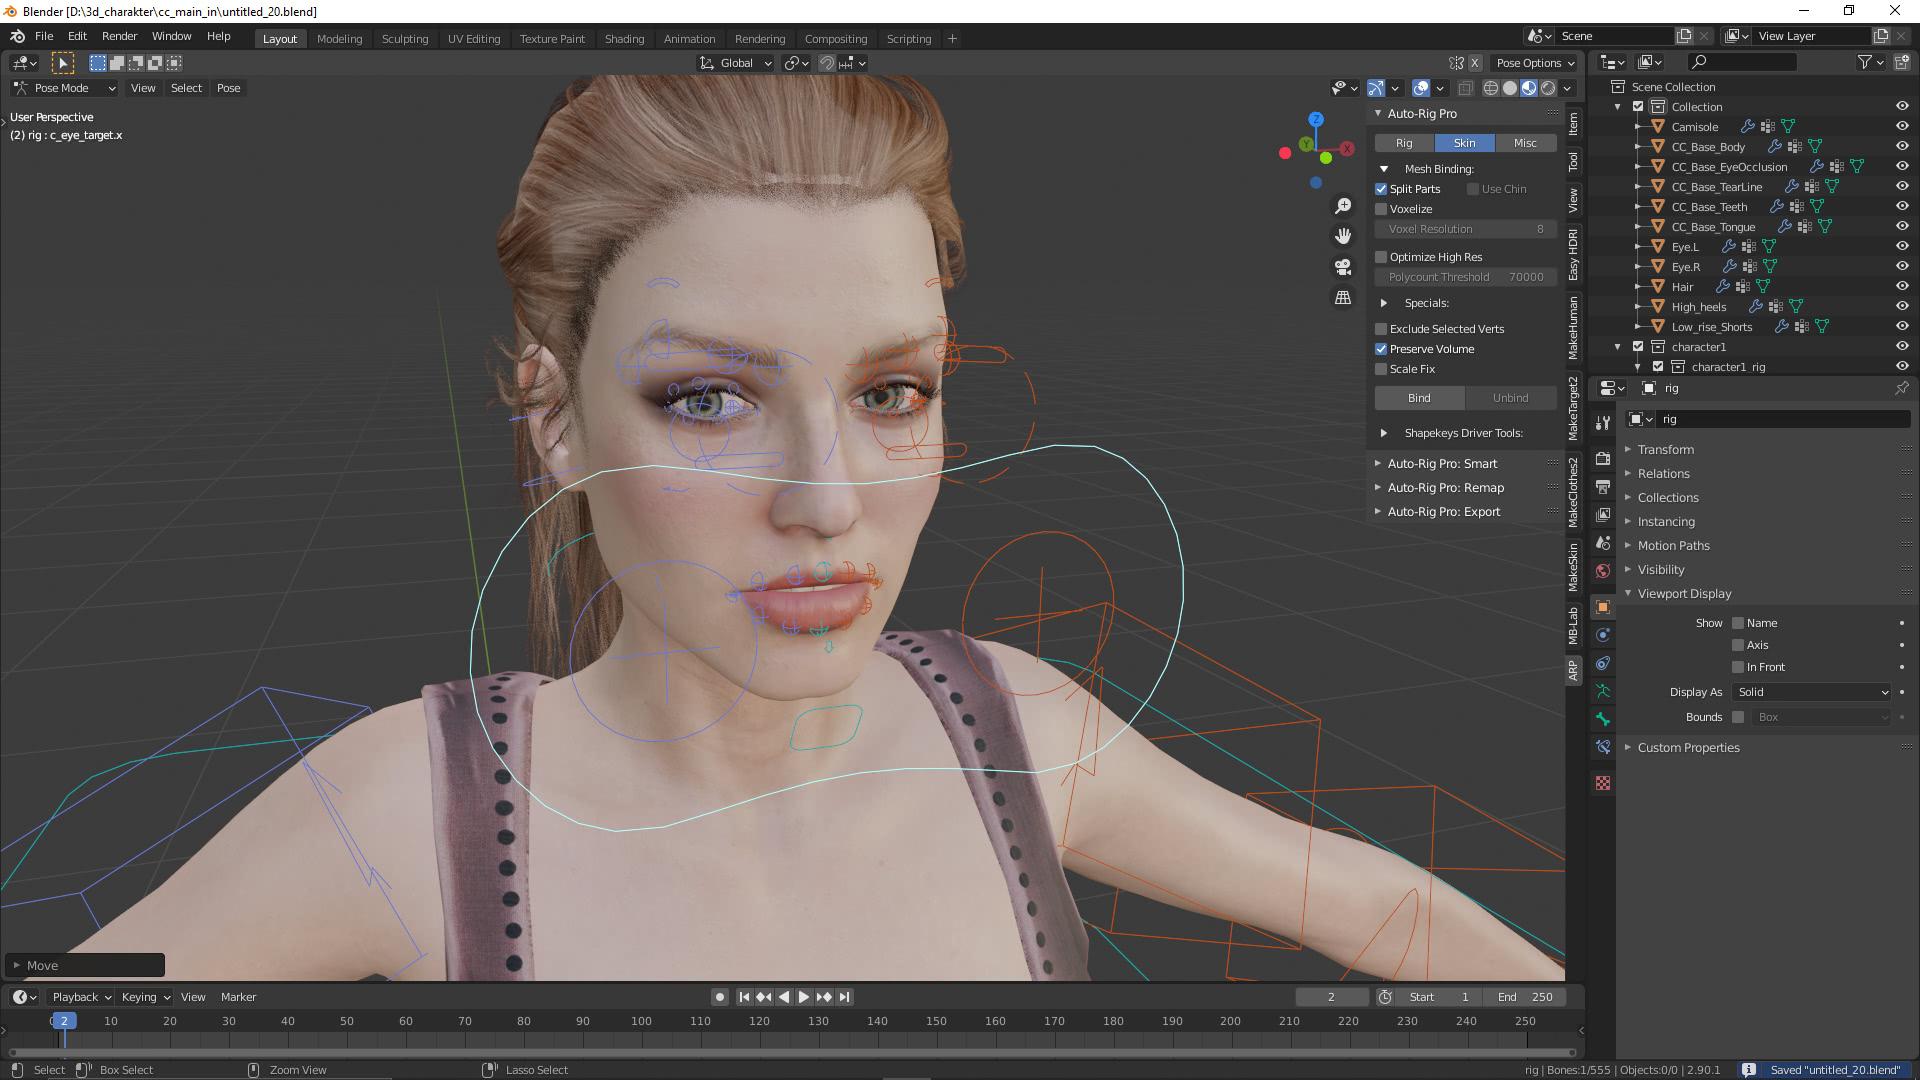 Der 3D-Charakter soll die Augen bewegen können